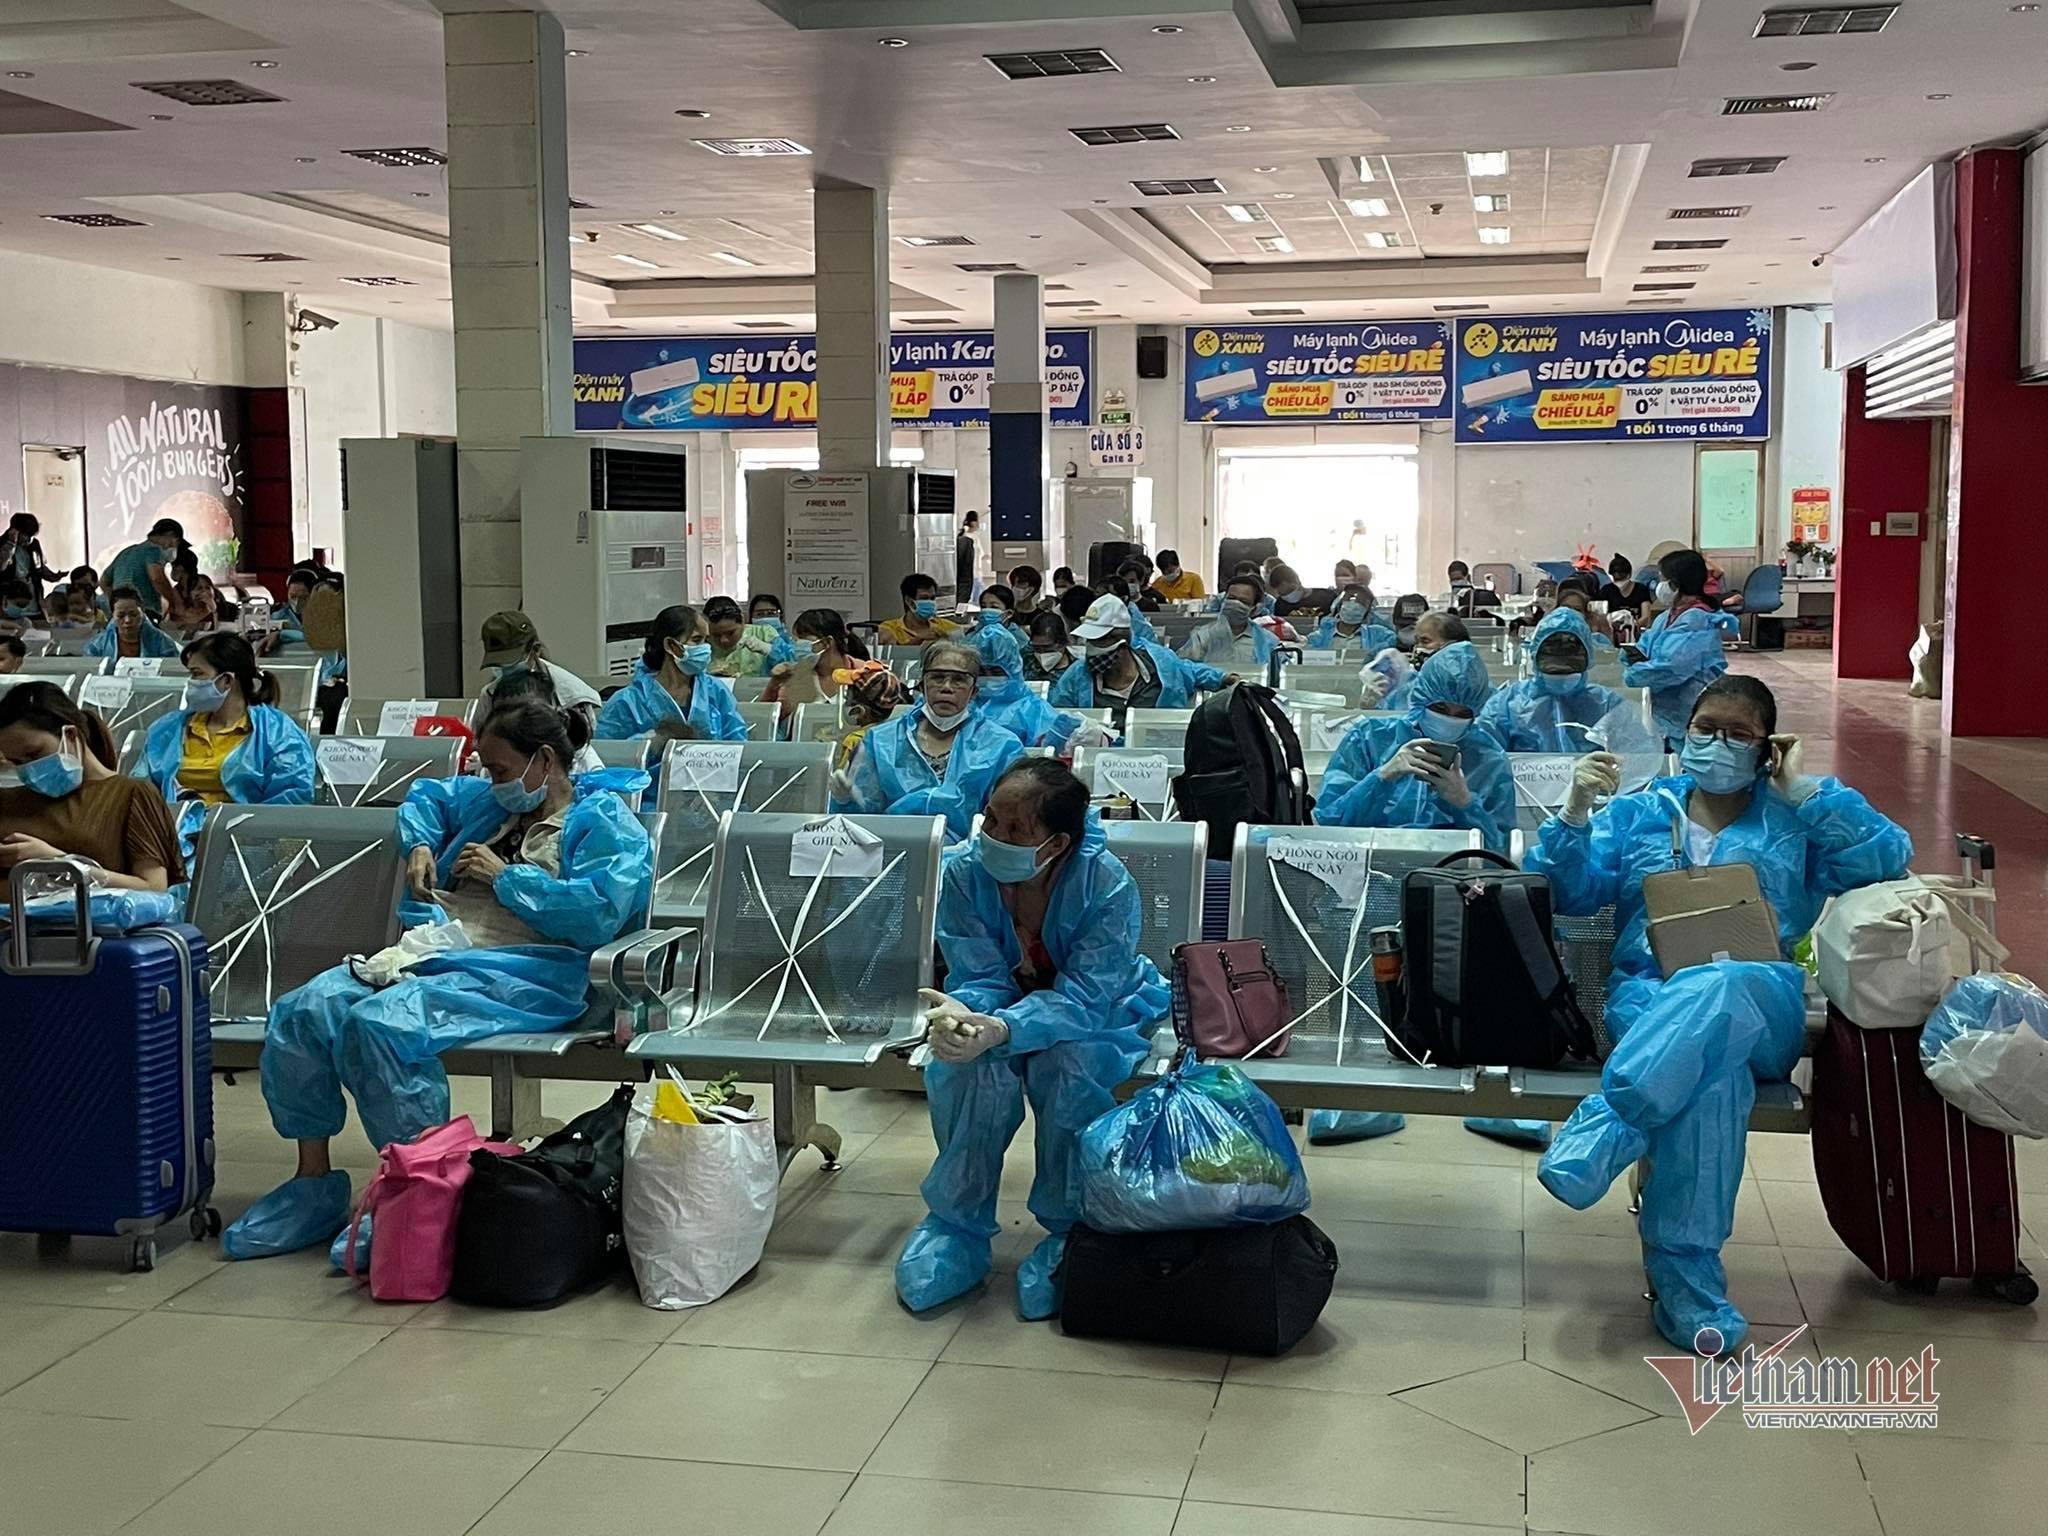 Chính quyền hỗ trợ nghìn người dân rời TP.HCM về Phú Yên, Bình Thuận, Quảng Trị